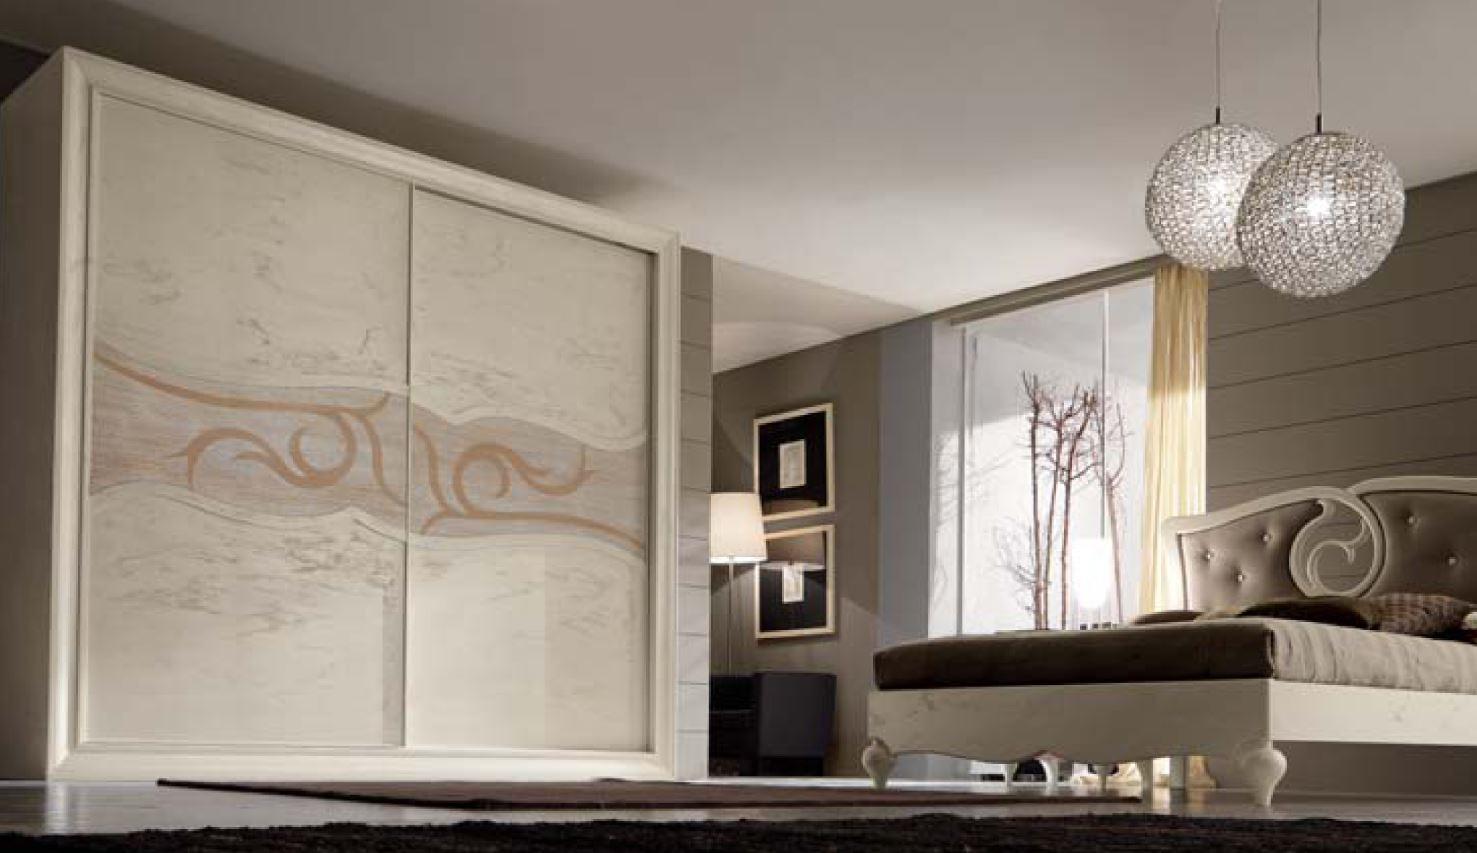 Zona notte in stile classico letti in ferro battuto for Arredamenti francavilla fontana